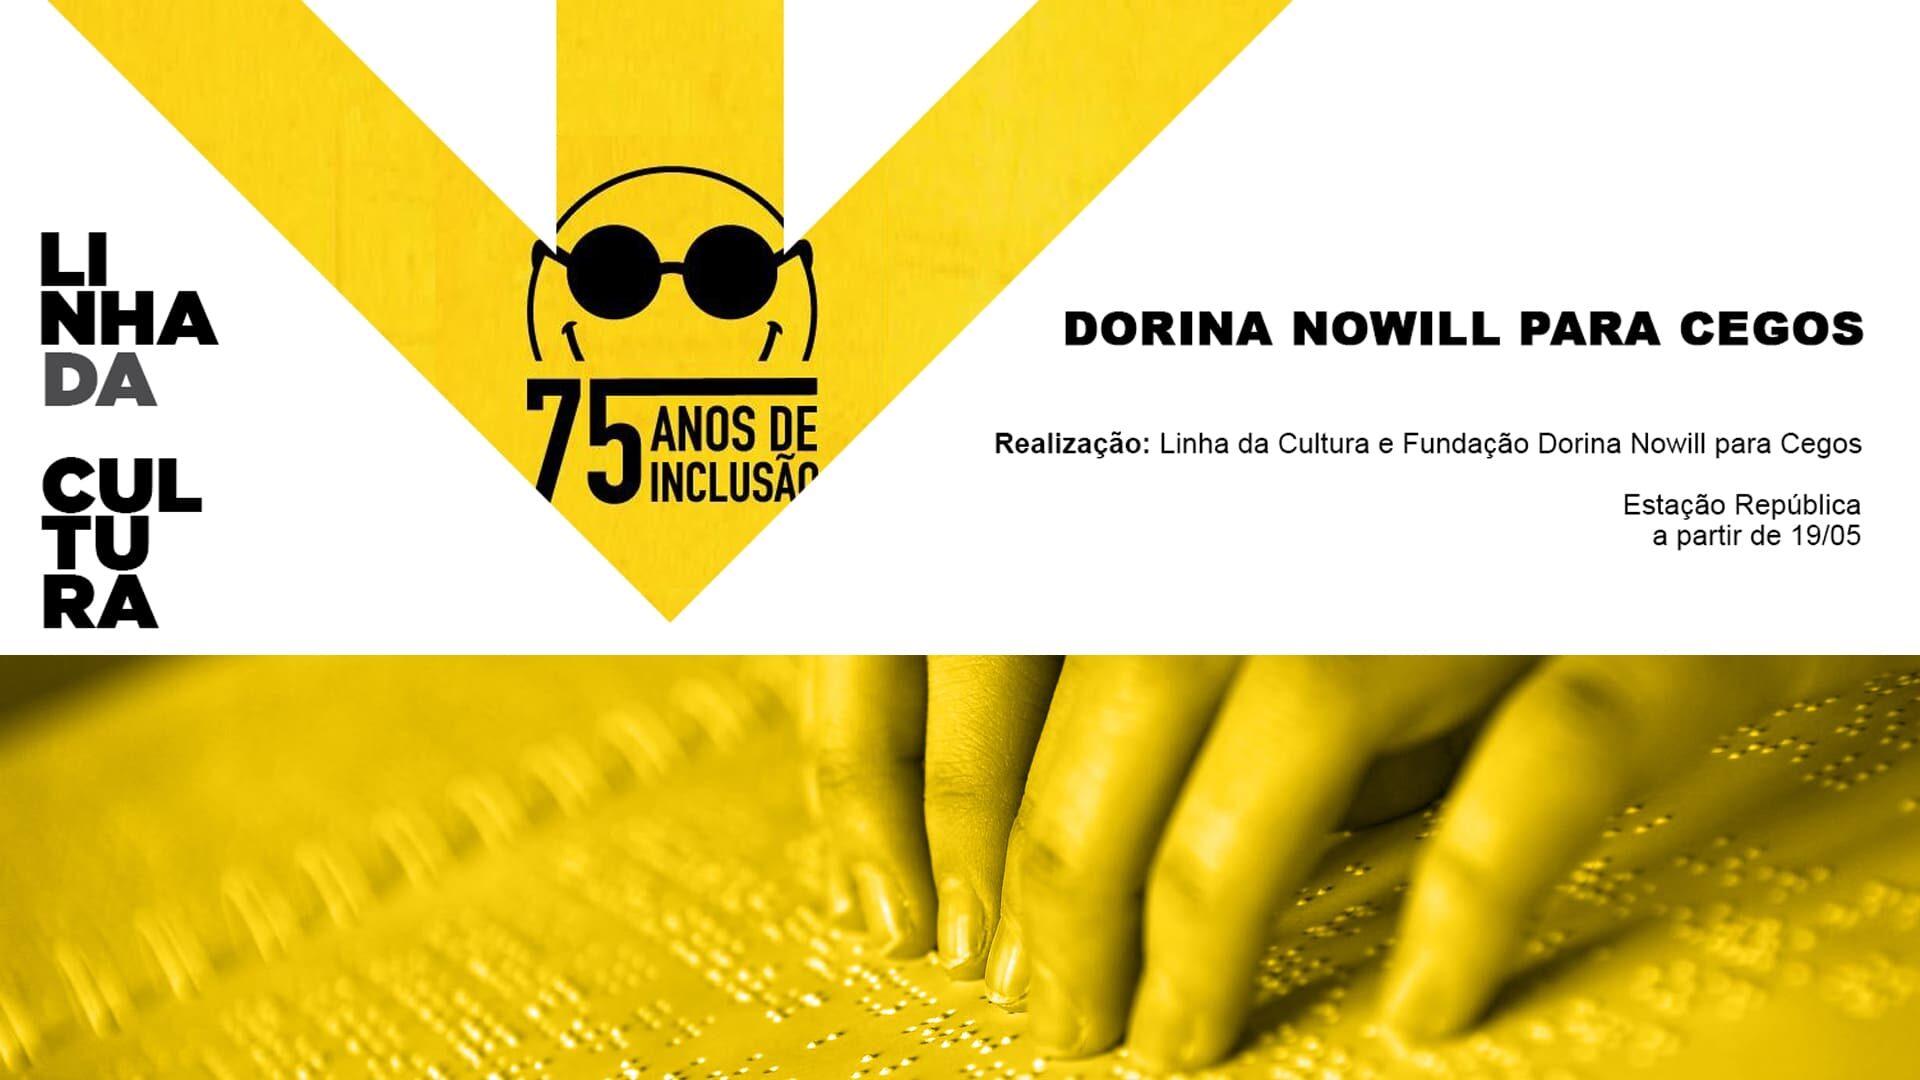 """Arte com logo e nome da Fundação Dorina Nowill para Cegos, descrita na legenda, de """"Transformando Vidas e Incluindo Pessoas""""."""